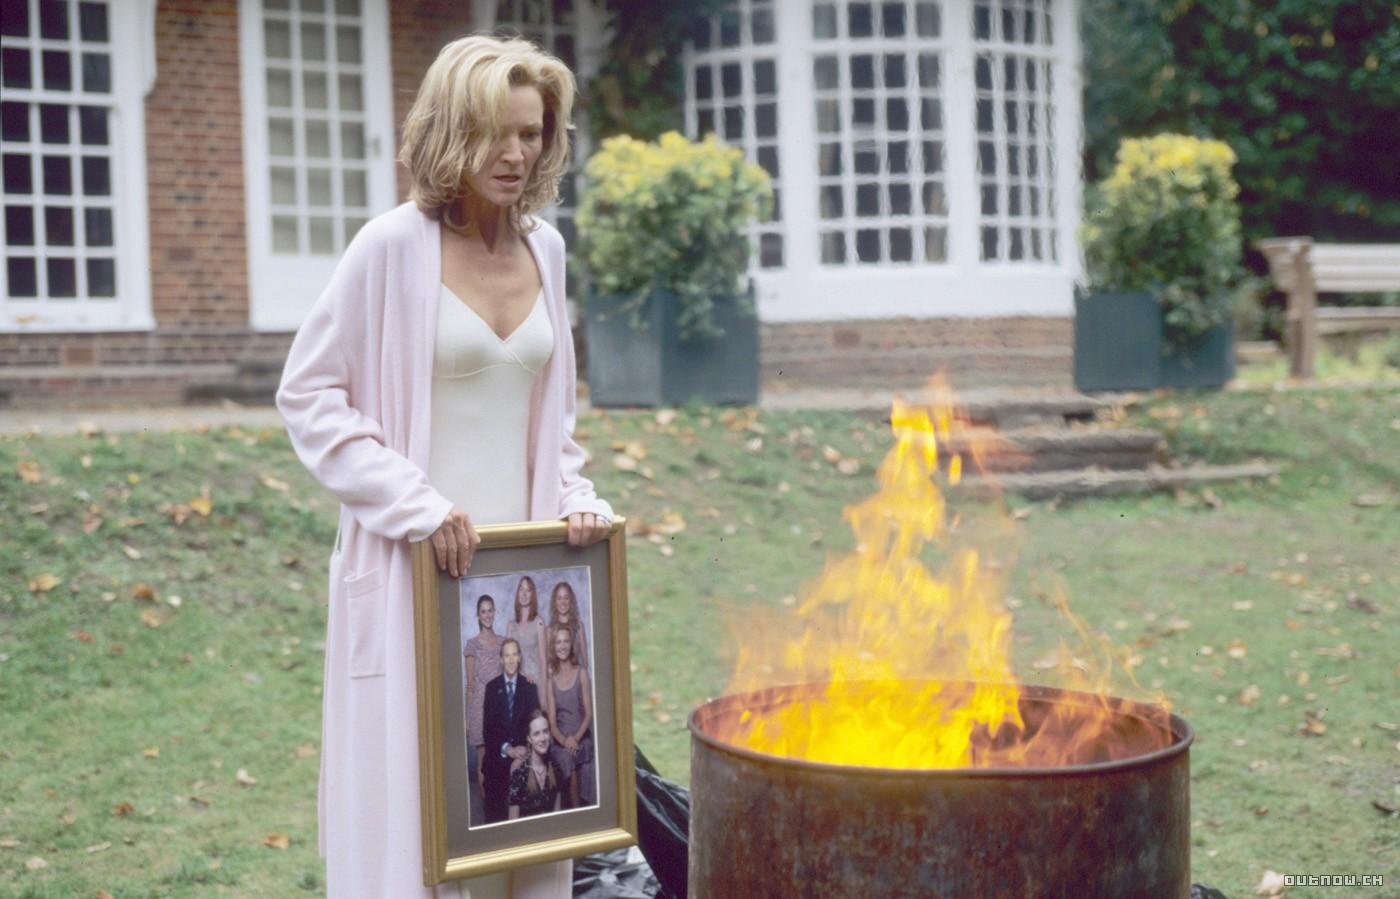 Joan Allen em A Outra Face da Raiva (photo by OutNow.CH)